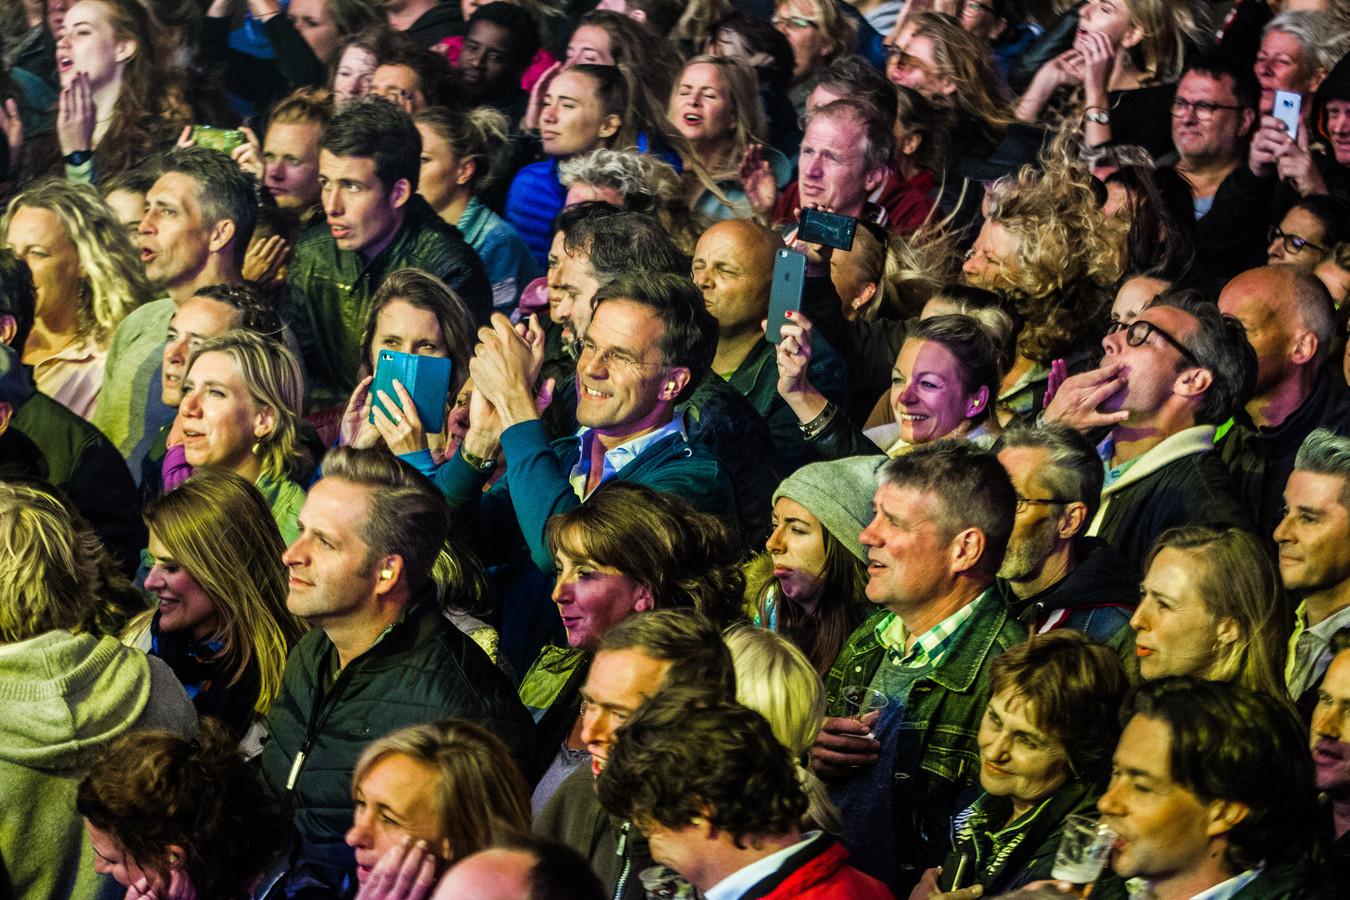 Mark Rutte, minister Hugo de Jonge en raadslid Richard de Mos in de mensenmenigte van Live at the Beach in 2018 toen Anouk er optrad.